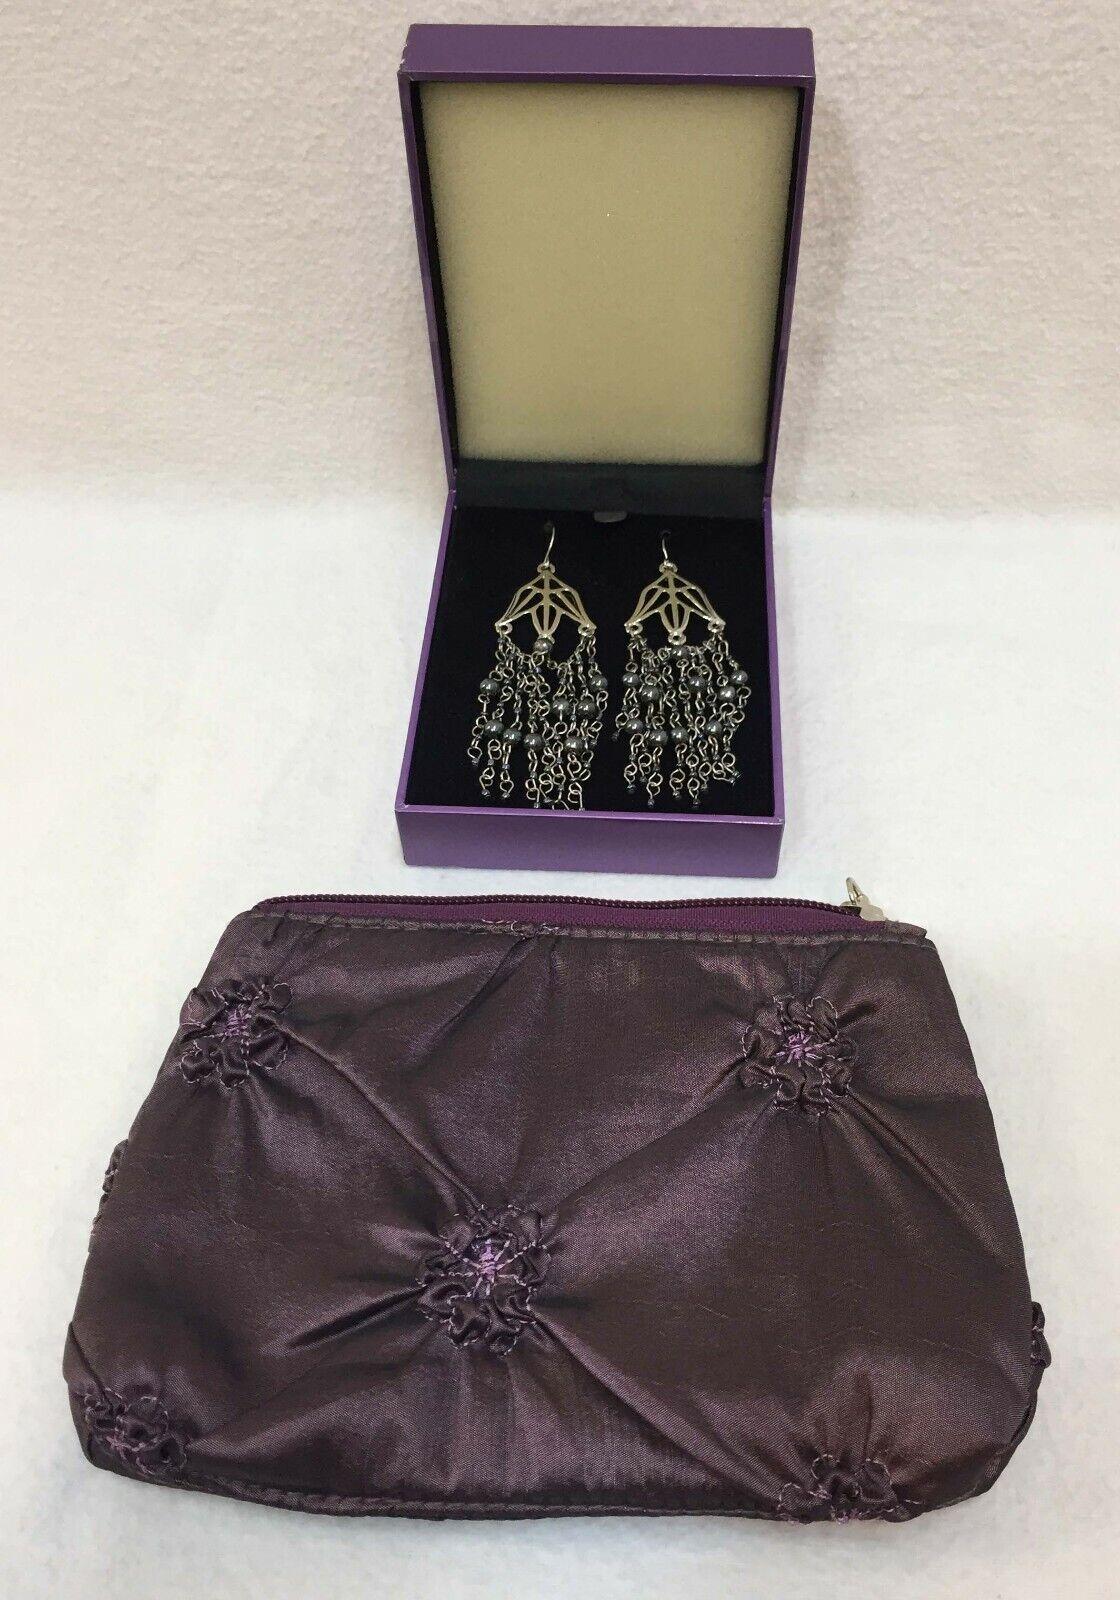 Suzanne Somers Silvertone Drop Chain Dangles Purple Silk Clutch w/ Flowerets Zip